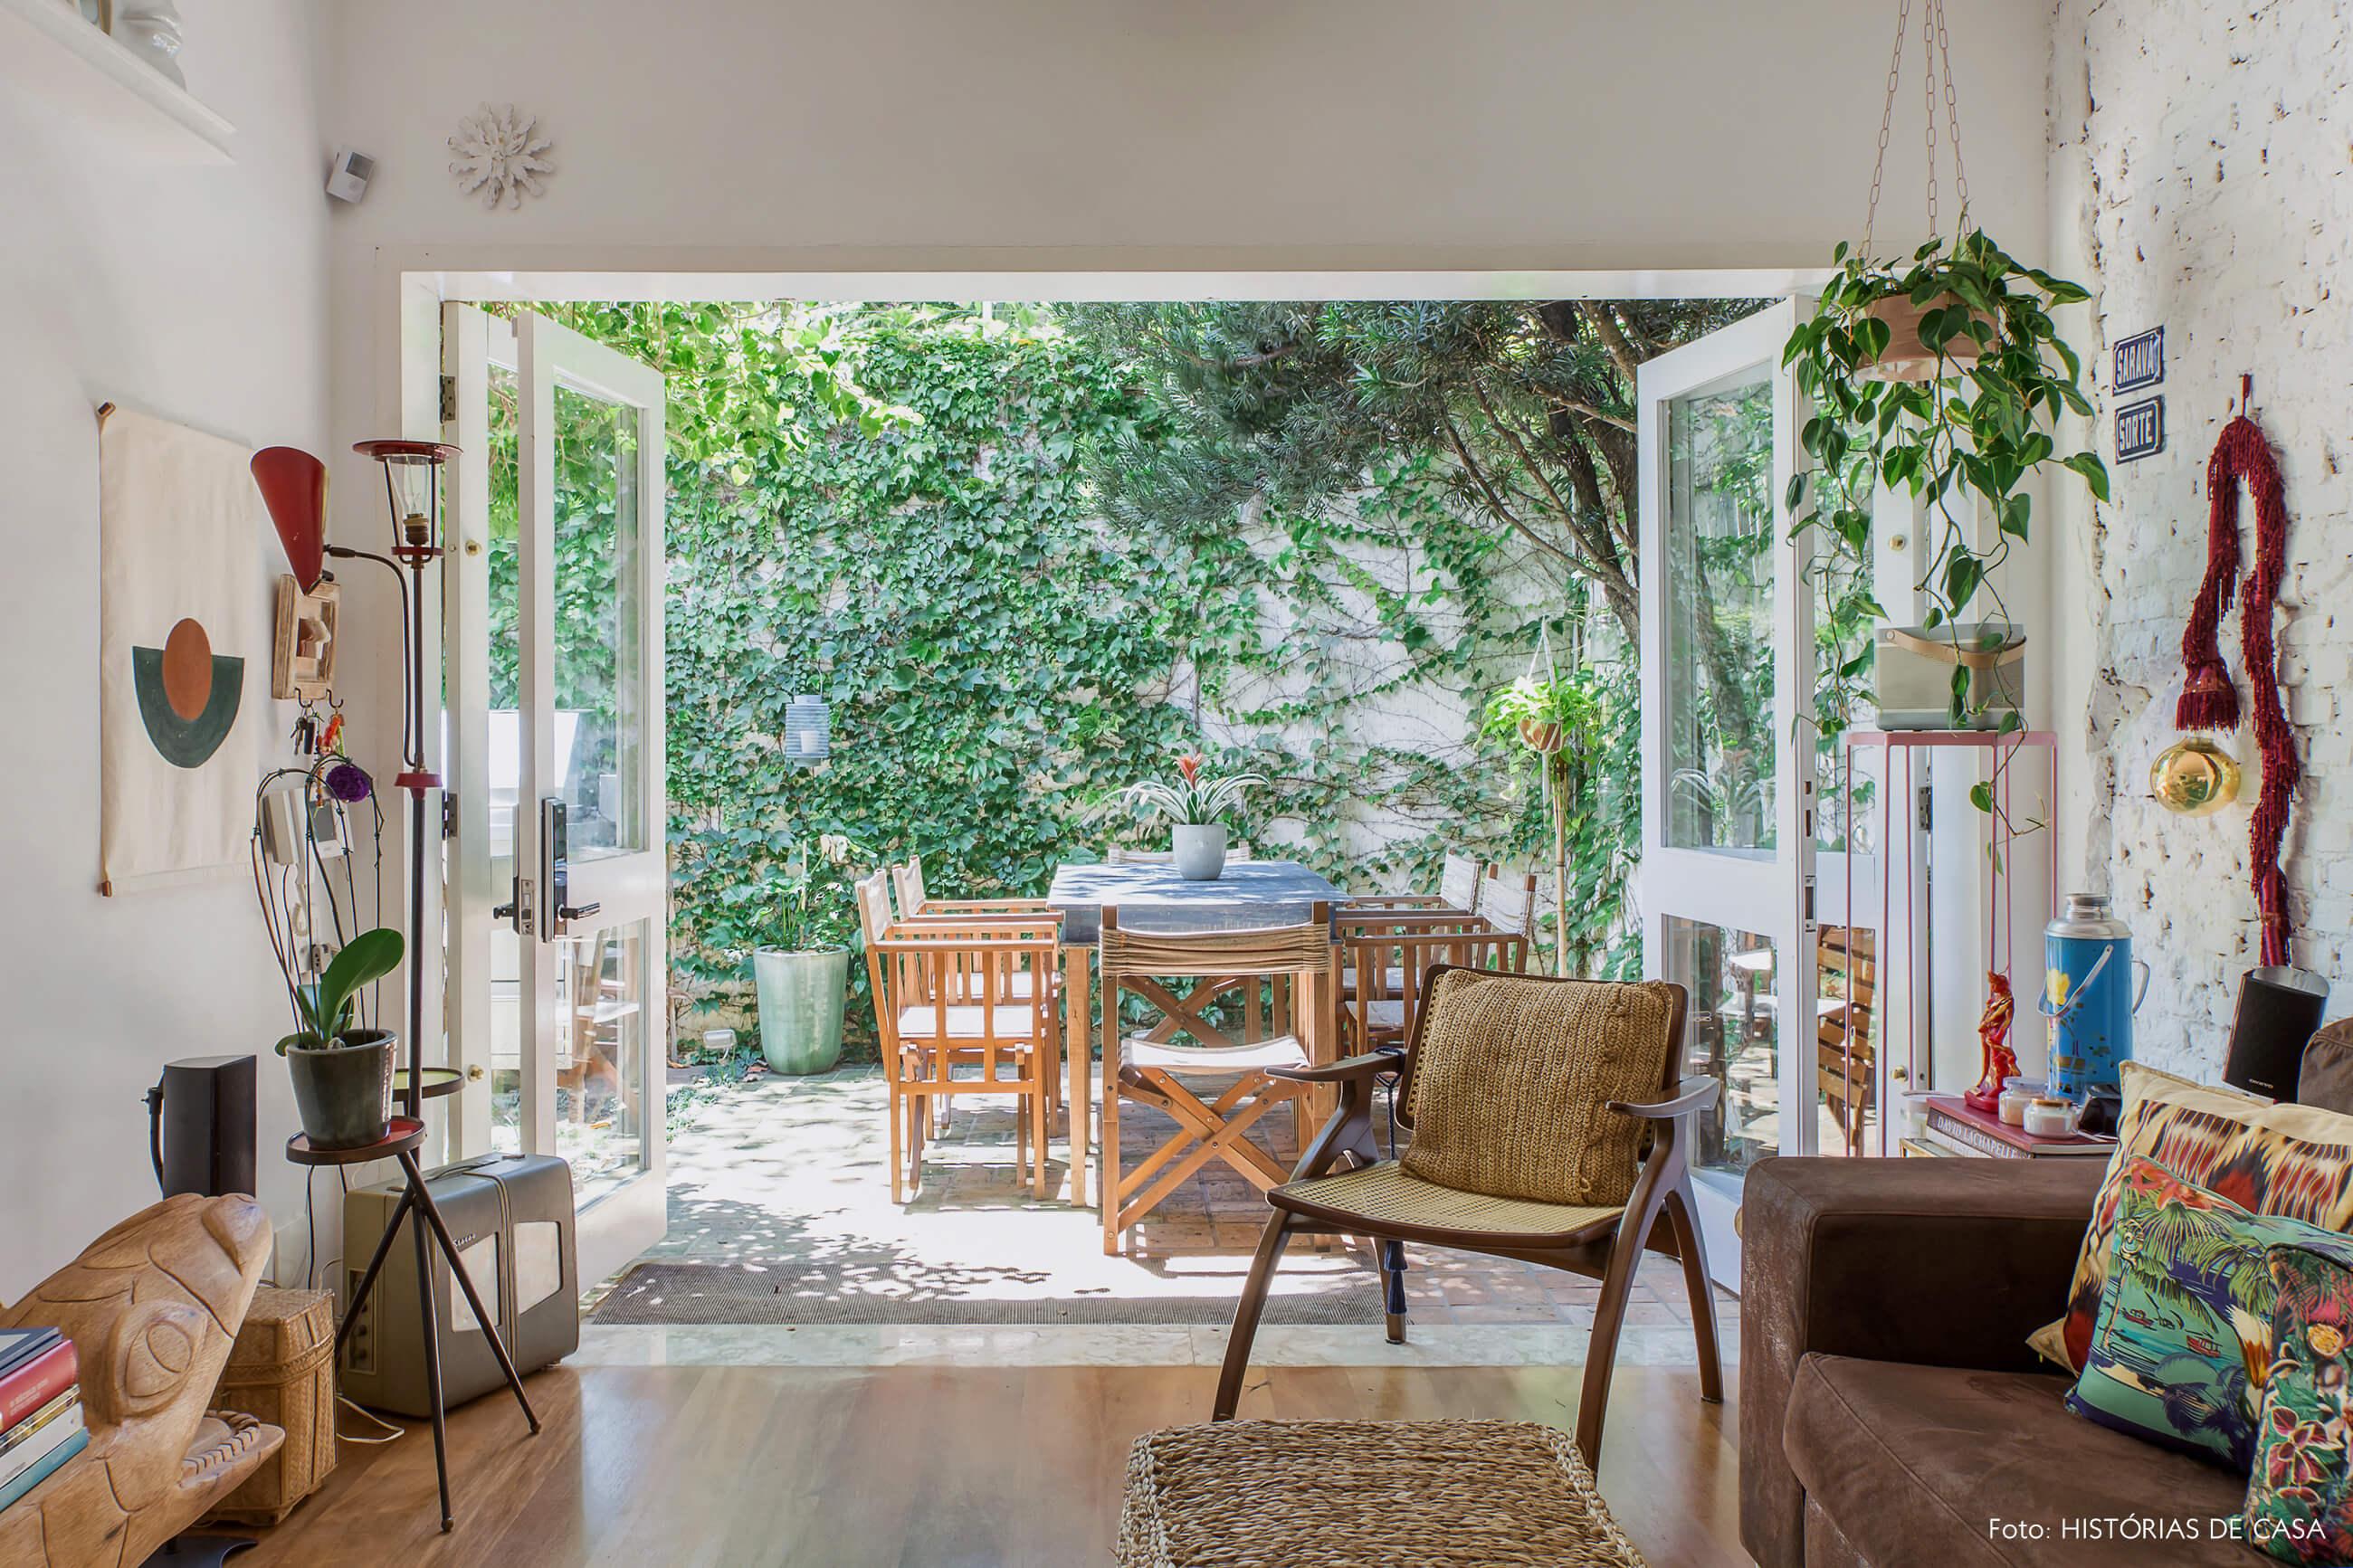 Casa com decoração eclética, plantas e texturas naturais